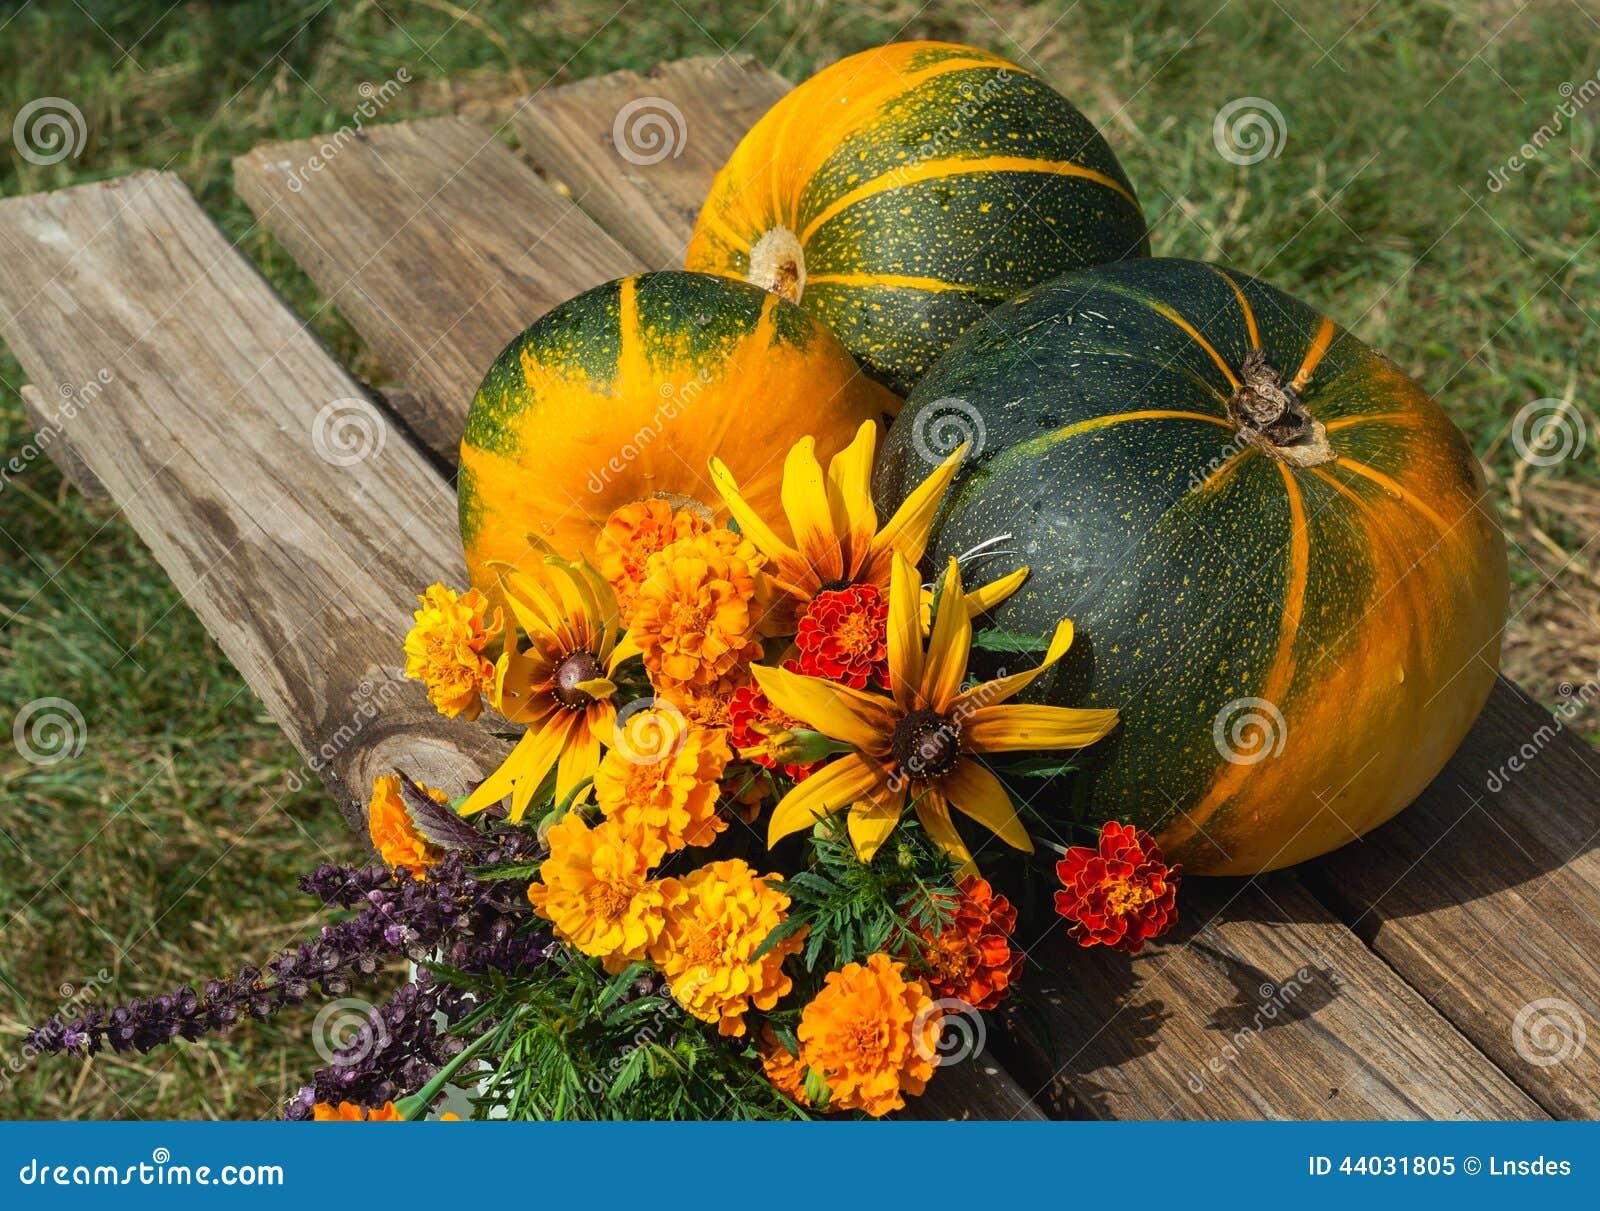 fruits l gumes et fleurs d 39 automne photo stock image. Black Bedroom Furniture Sets. Home Design Ideas